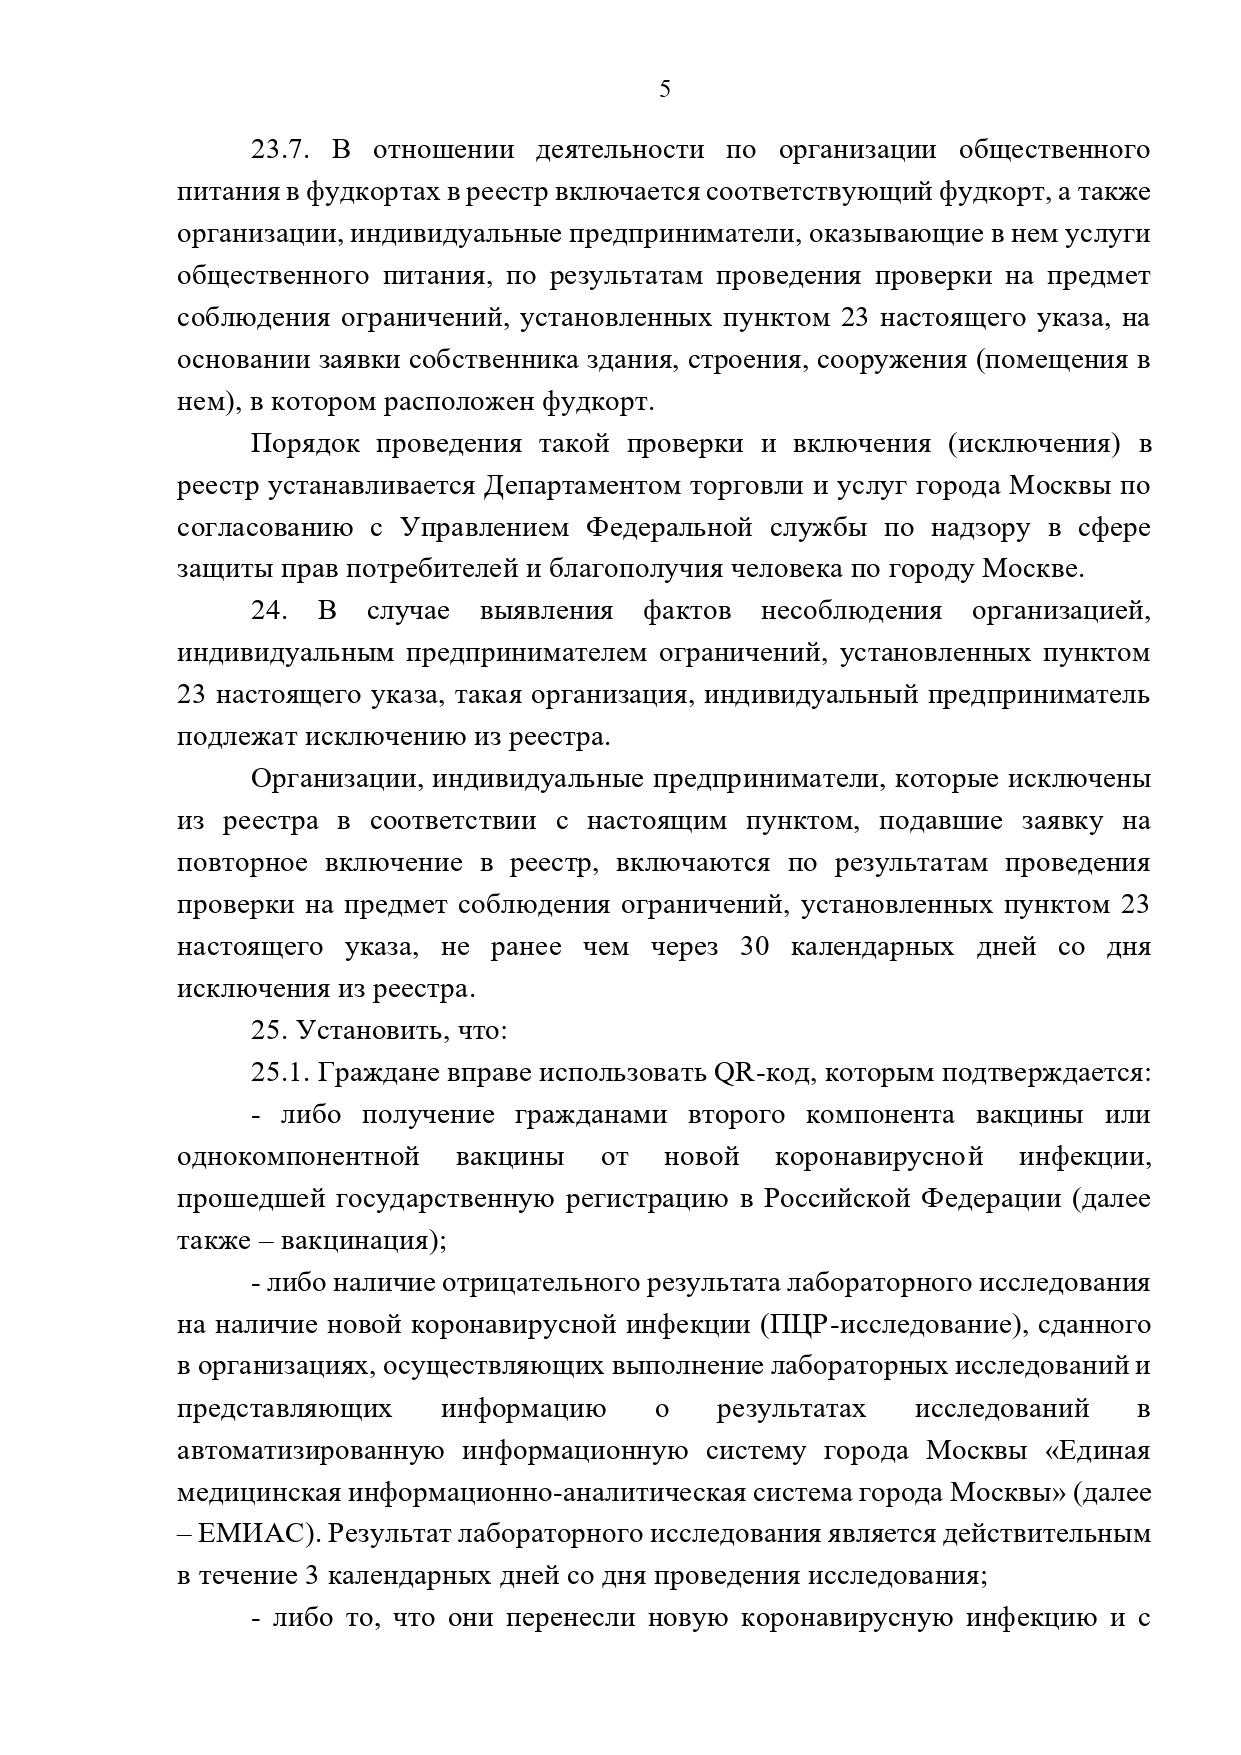 Указ Мэра Москвы Собянина С.С. от 22 июня 2021 г. (22.06.2021) No 35-УМ 5